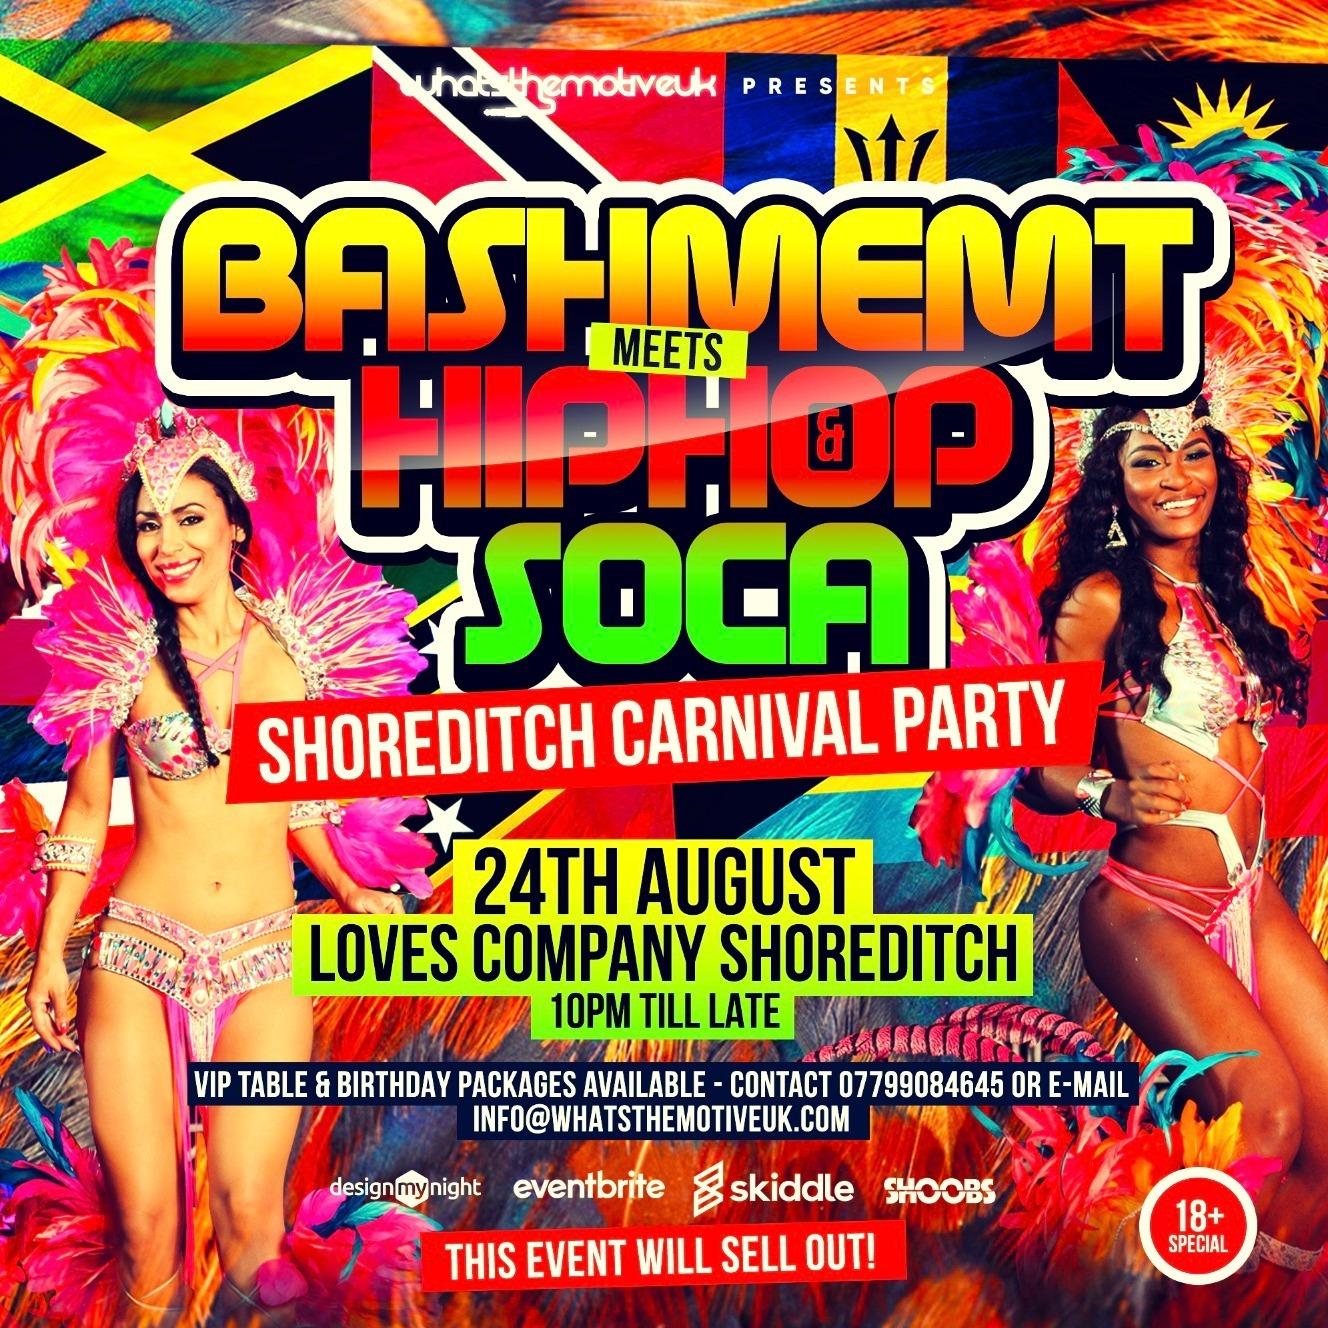 Bashment Meets Hip-Hop & Soca - Shoreditch Carnival Party